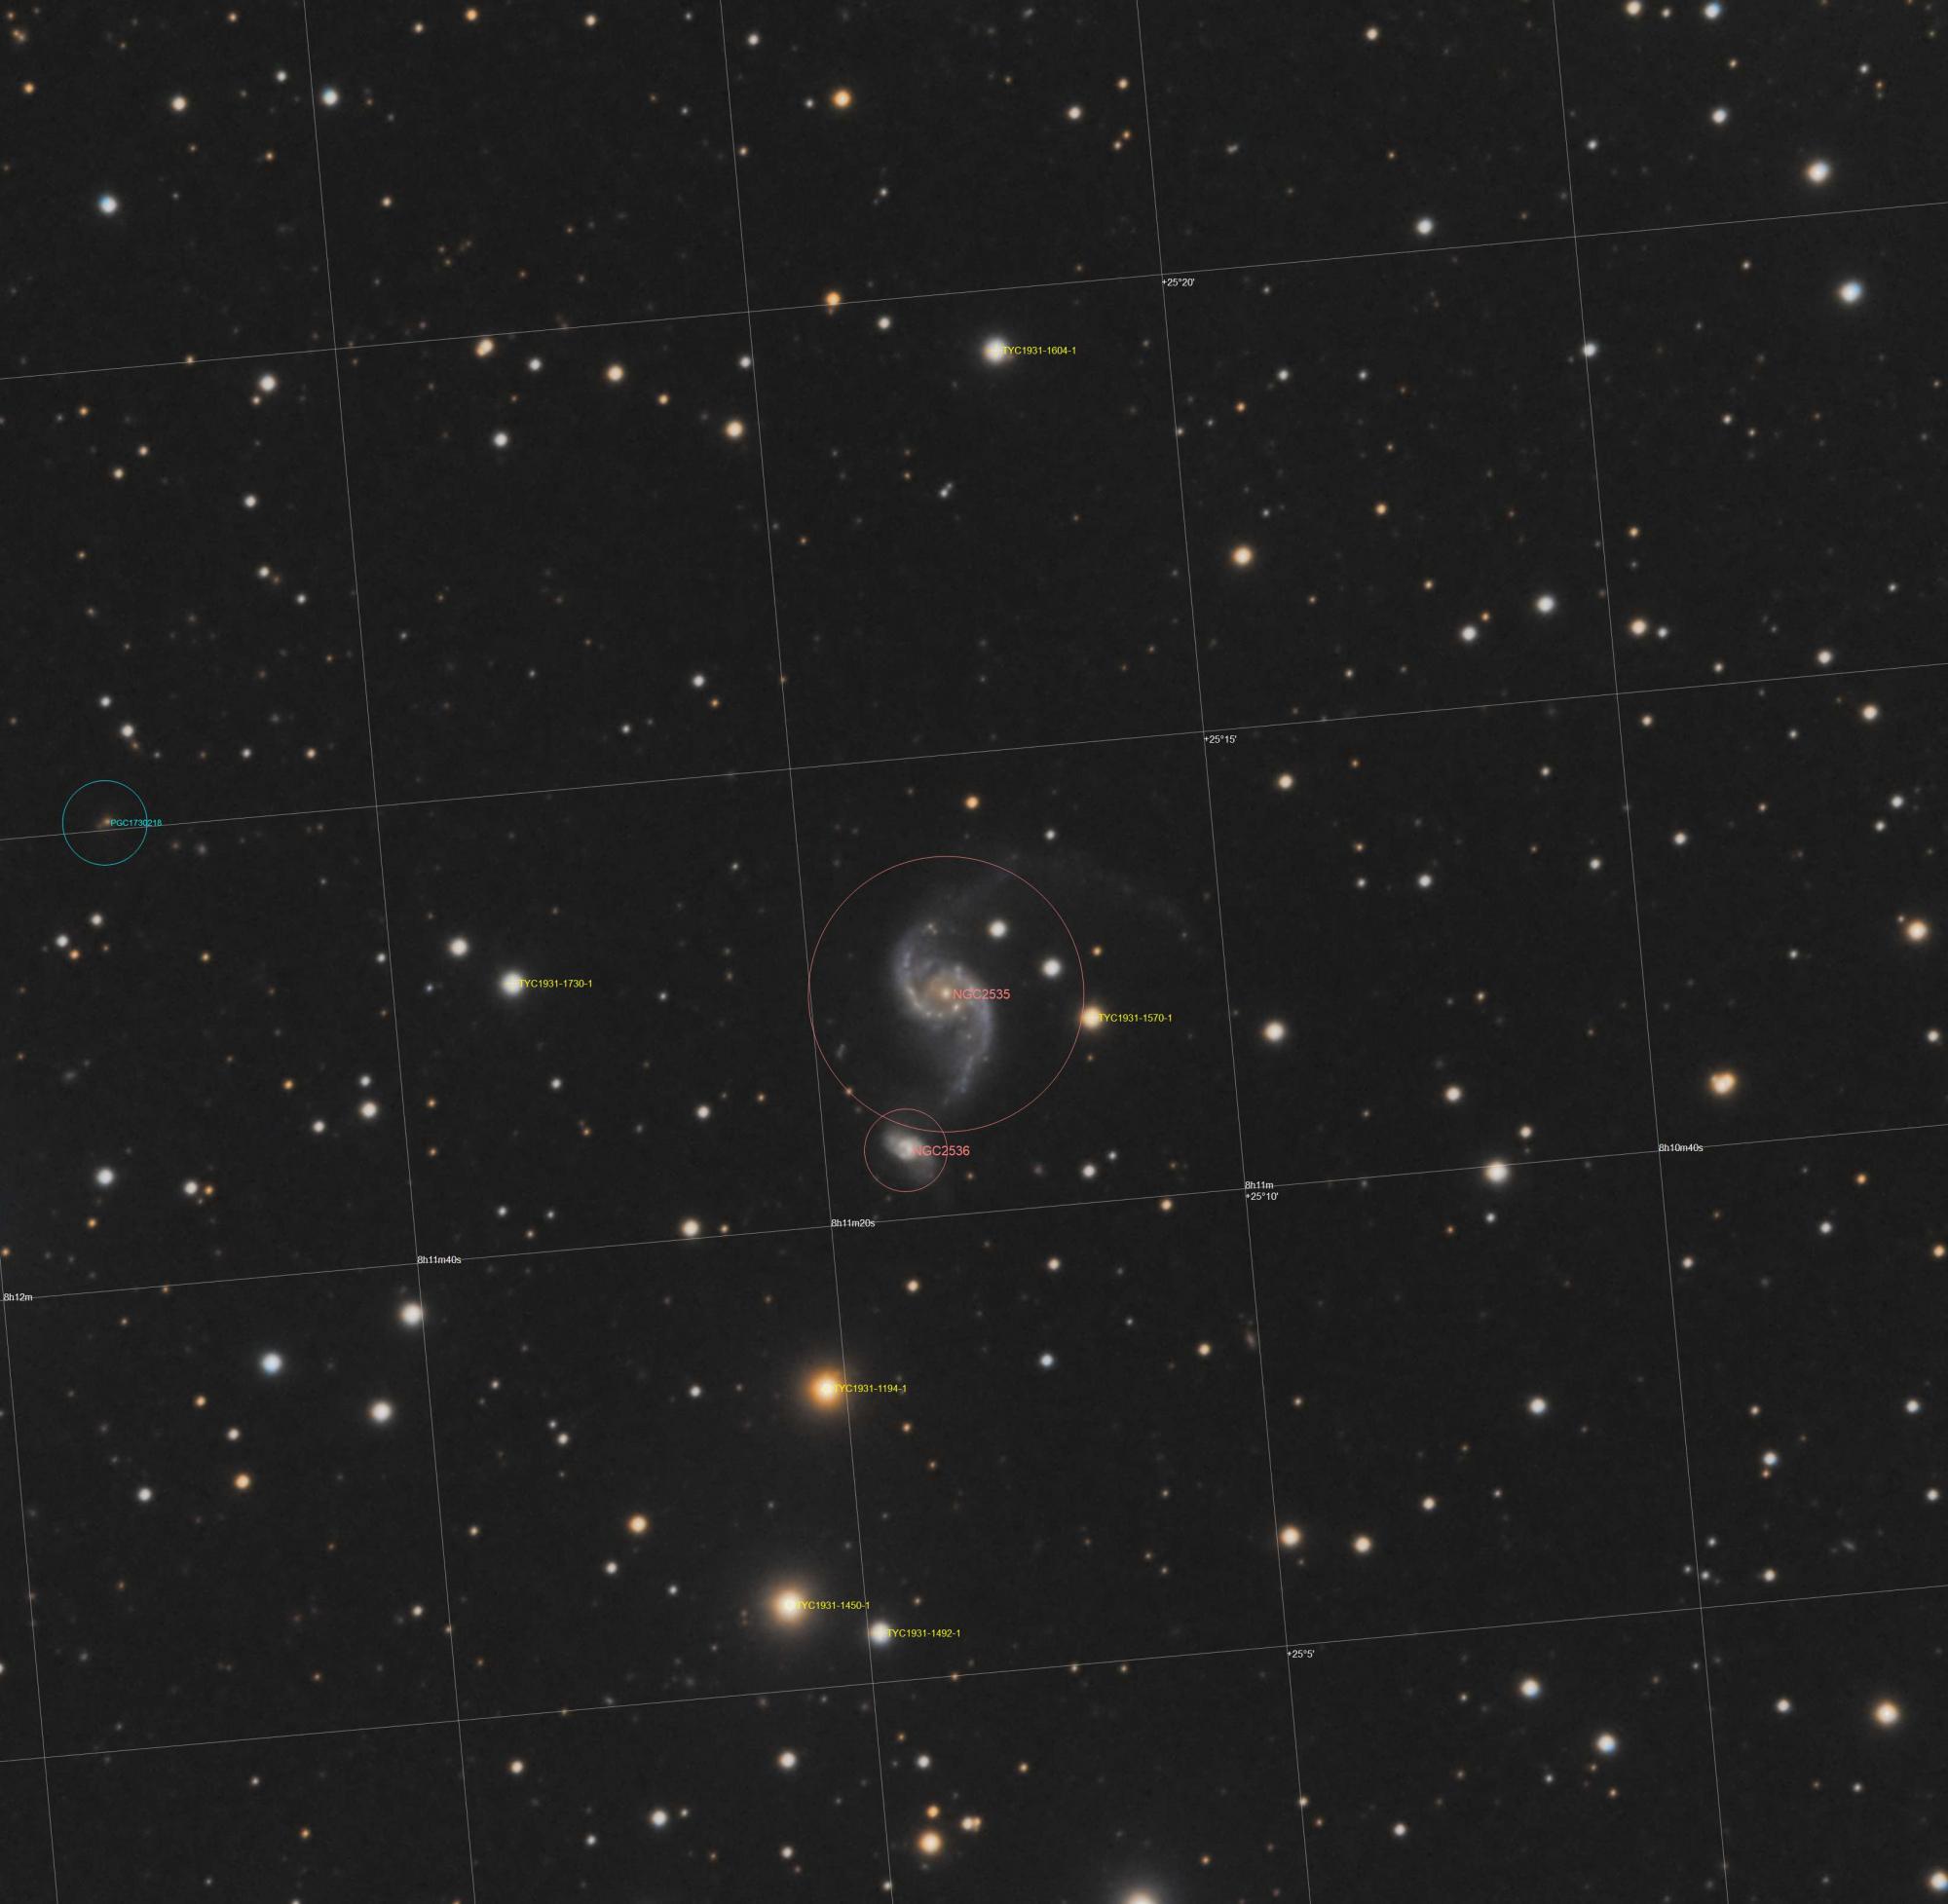 5c178f872ccb7_NGC2535Annote.thumb.jpg.8209a10c57f7c75e92d6274b3baae437.jpg